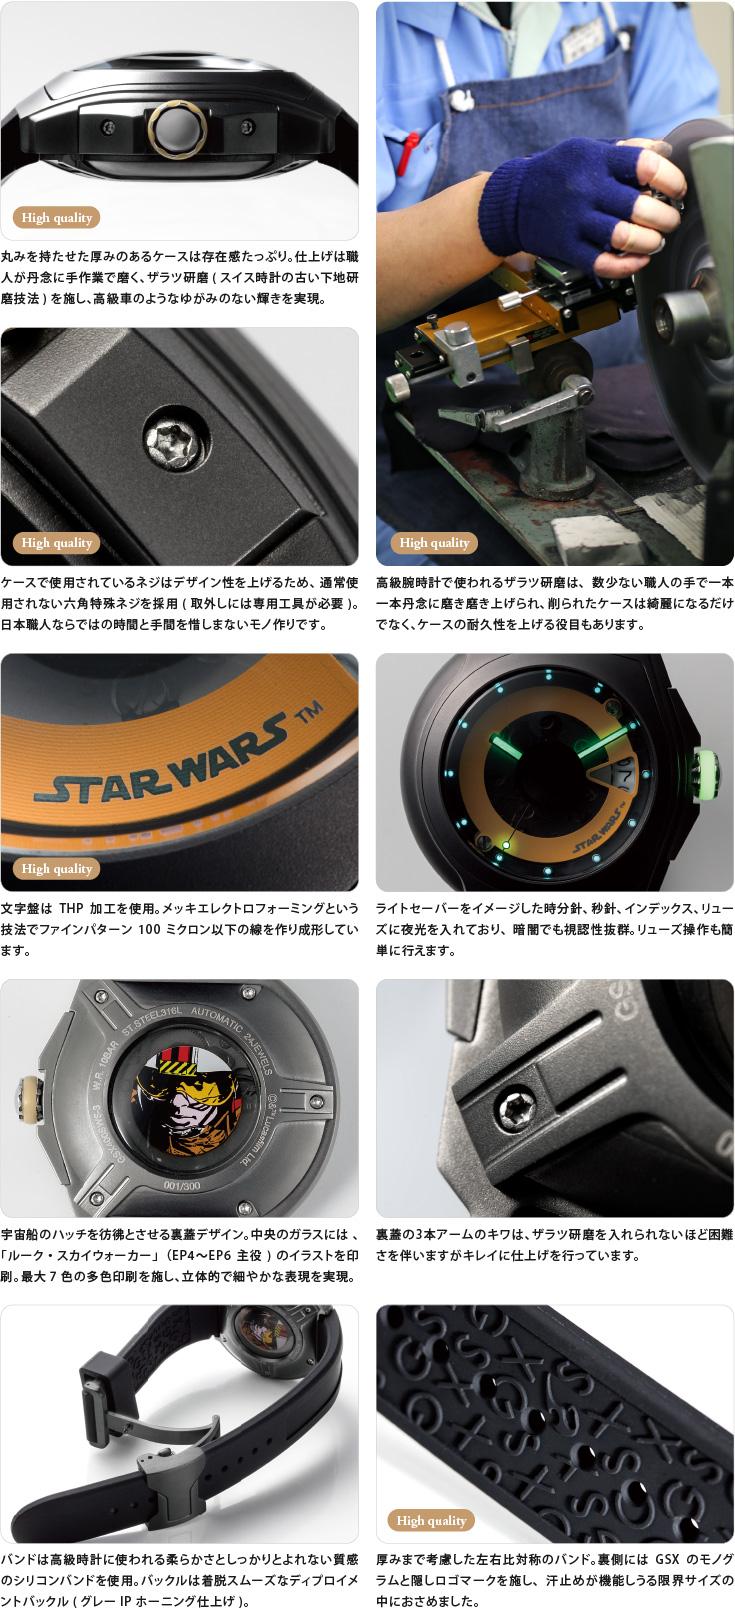 GSXスターウォーズ腕時計イメージ